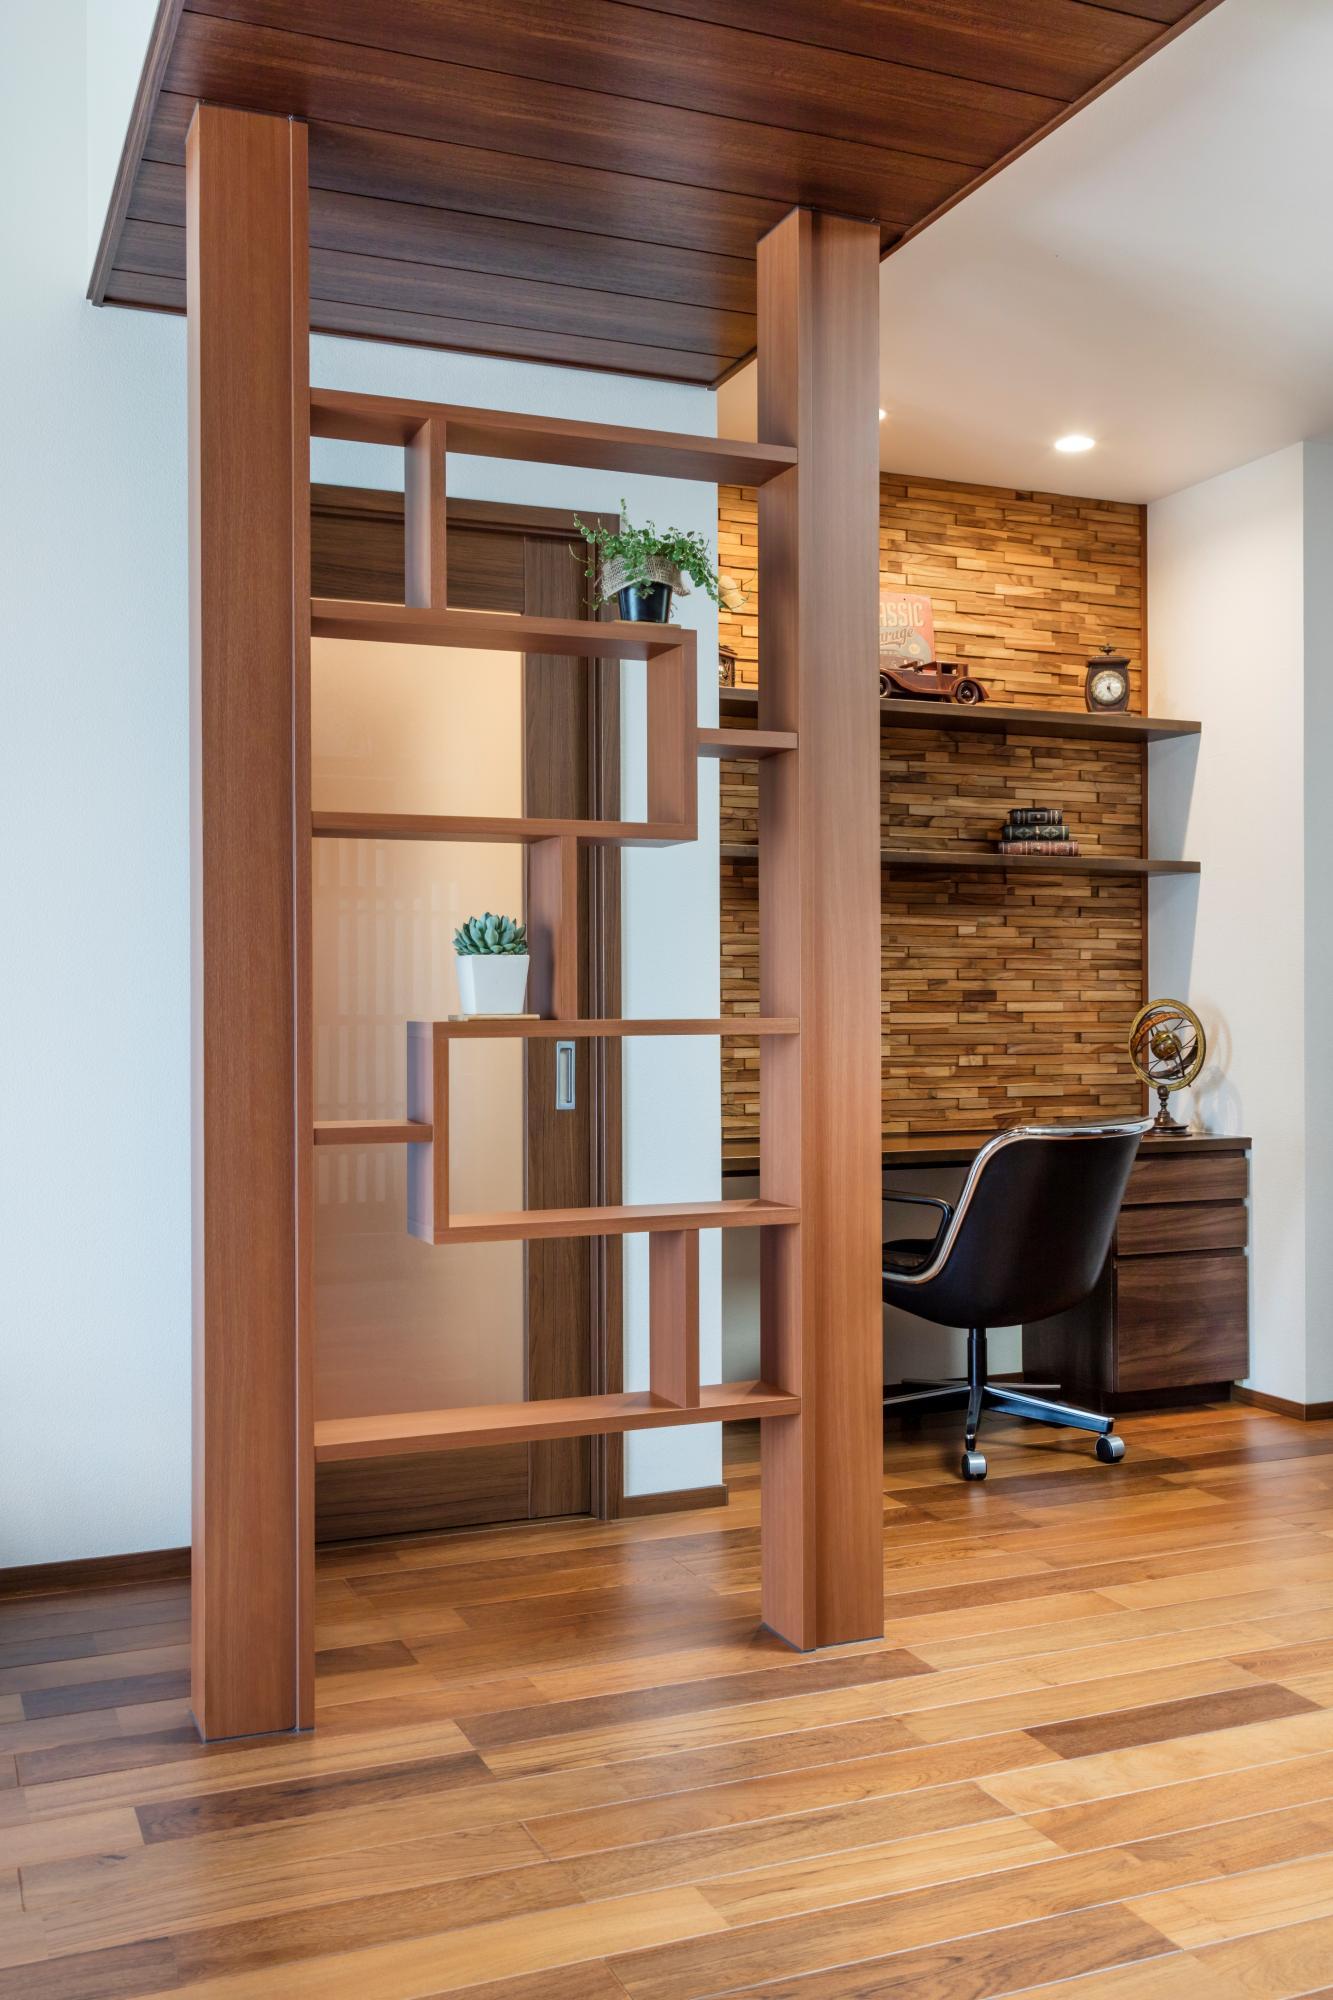 DKの撤去できない2本の柱を活用して飾り棚を造作。右手のウッドタイルを張った壁面にはカウンターと棚を設置して書斎コーナーに。ご主人自慢のアンティークコレクションが似合う空間になった。